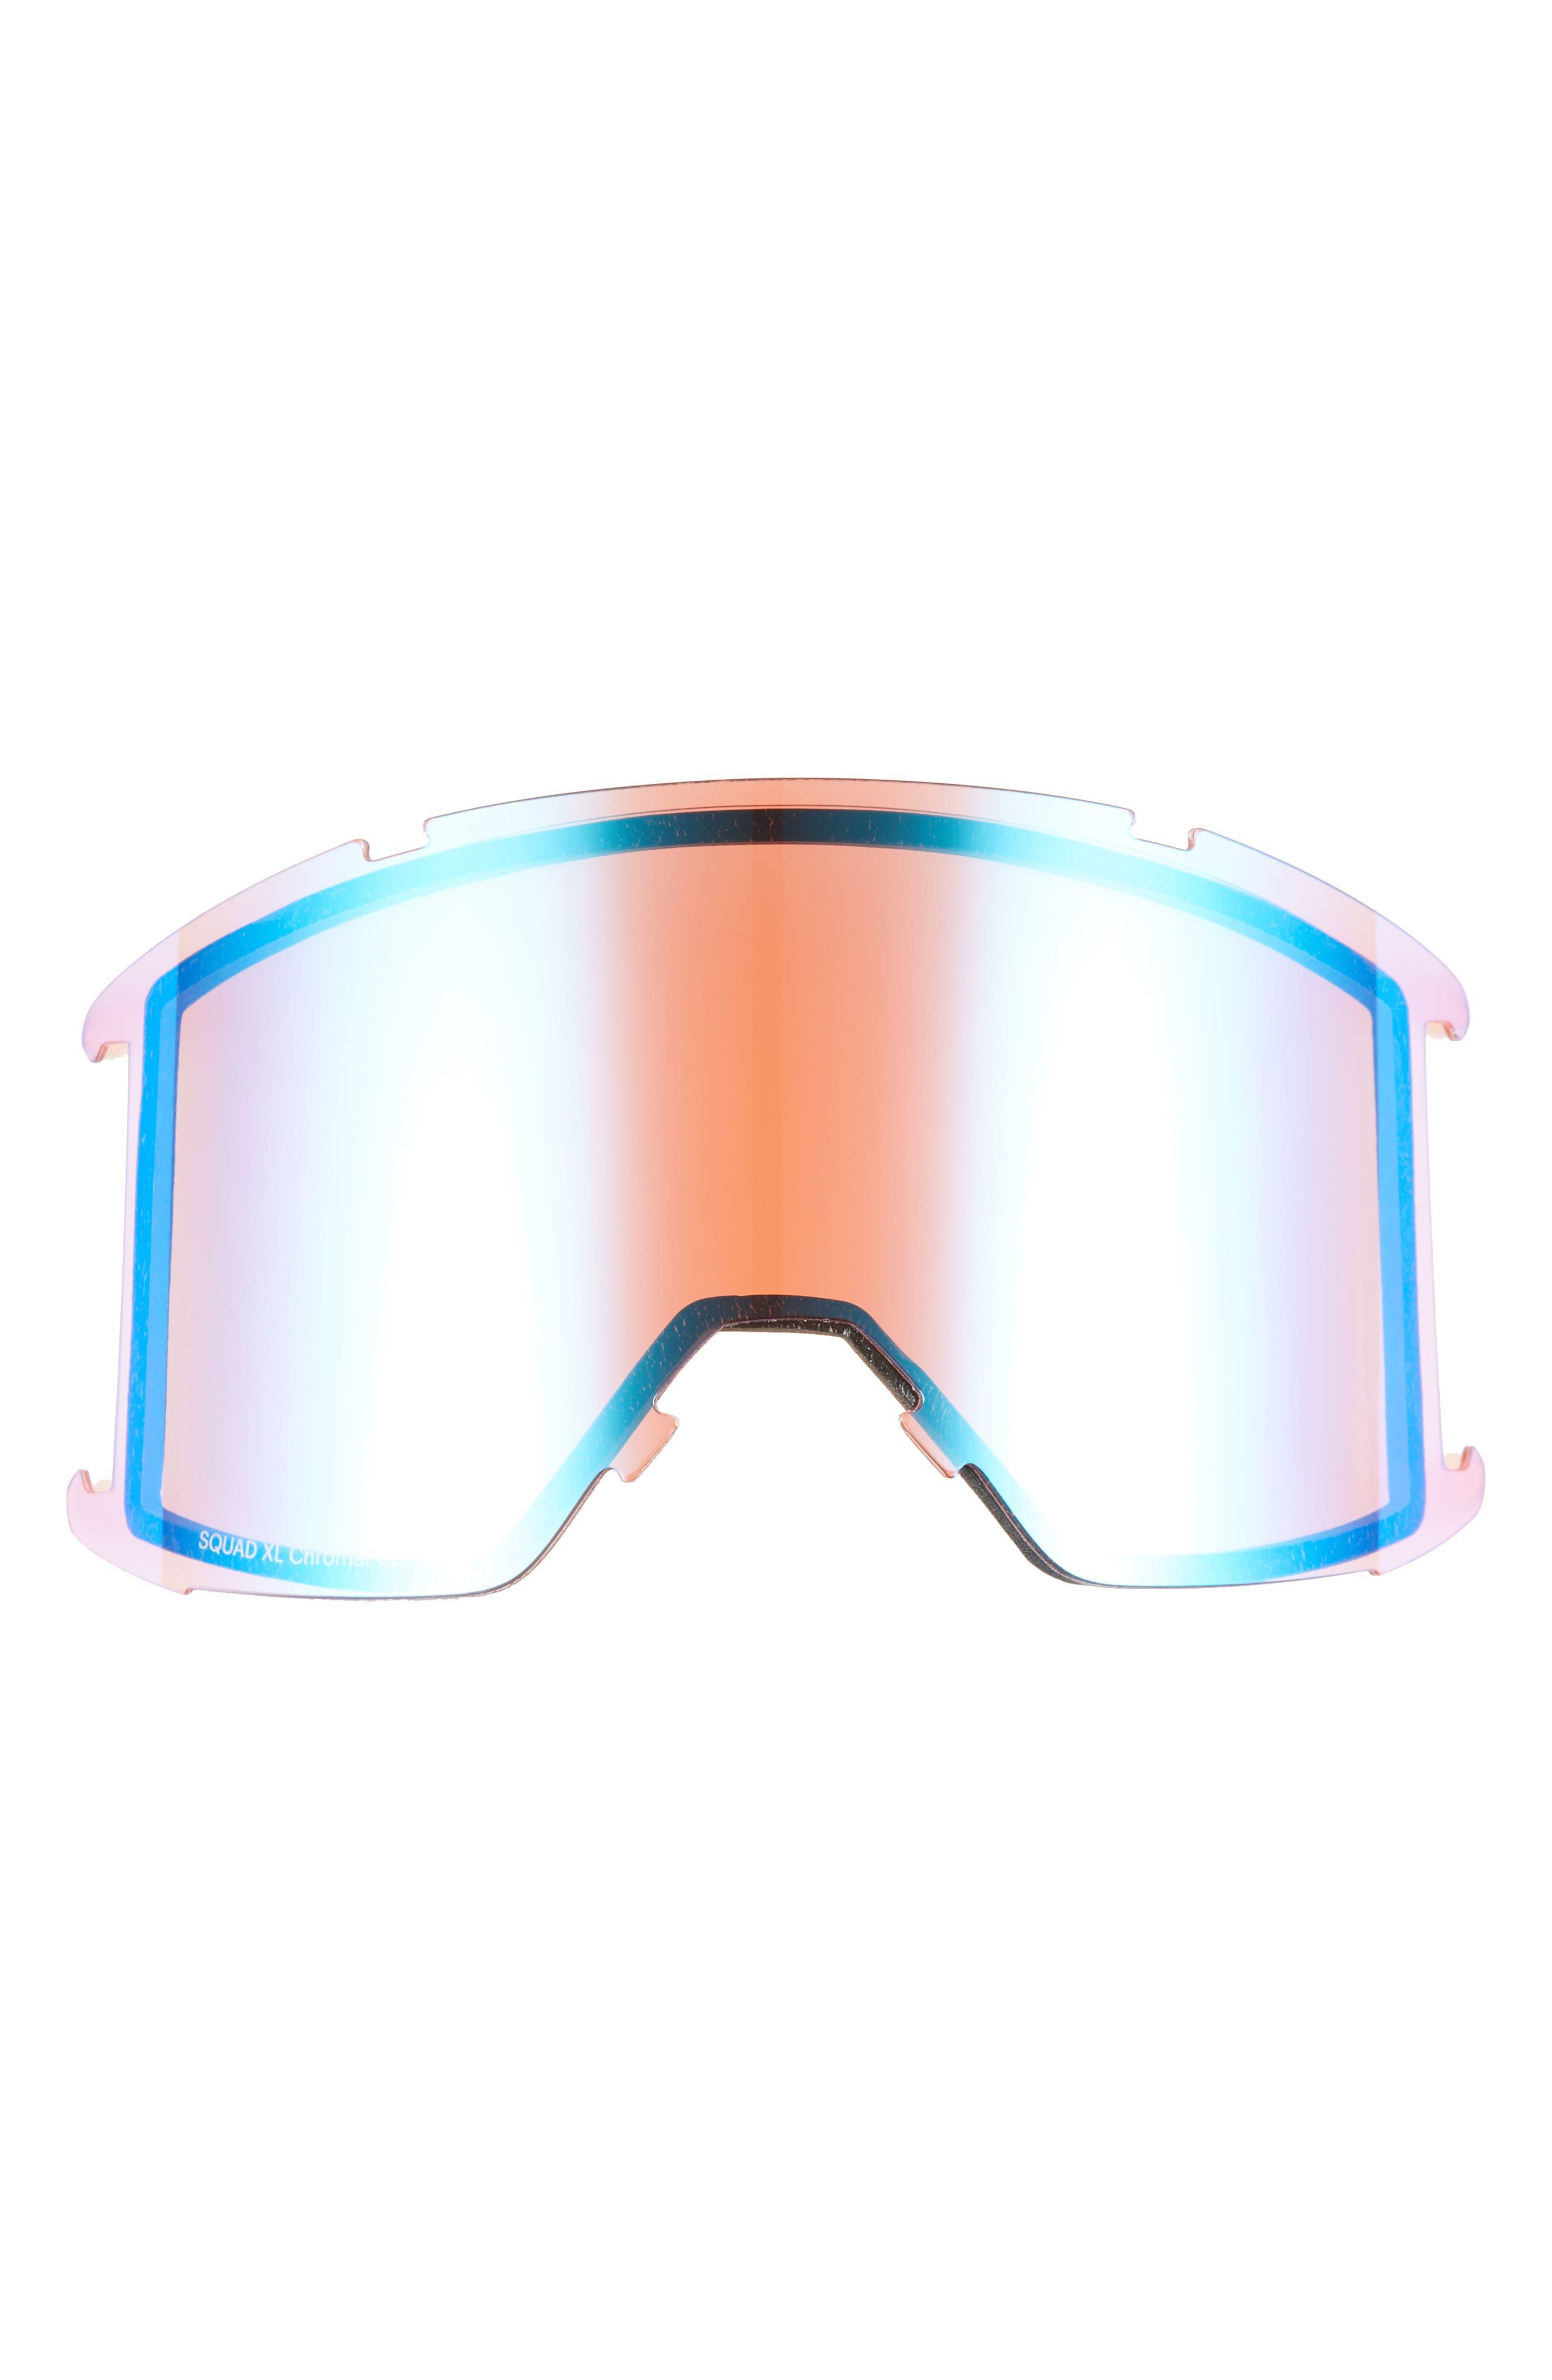 Squad XL Chromapop 185mm Snow Goggles,                             Alternate thumbnail 3, color,                             MOSS SURPLUS